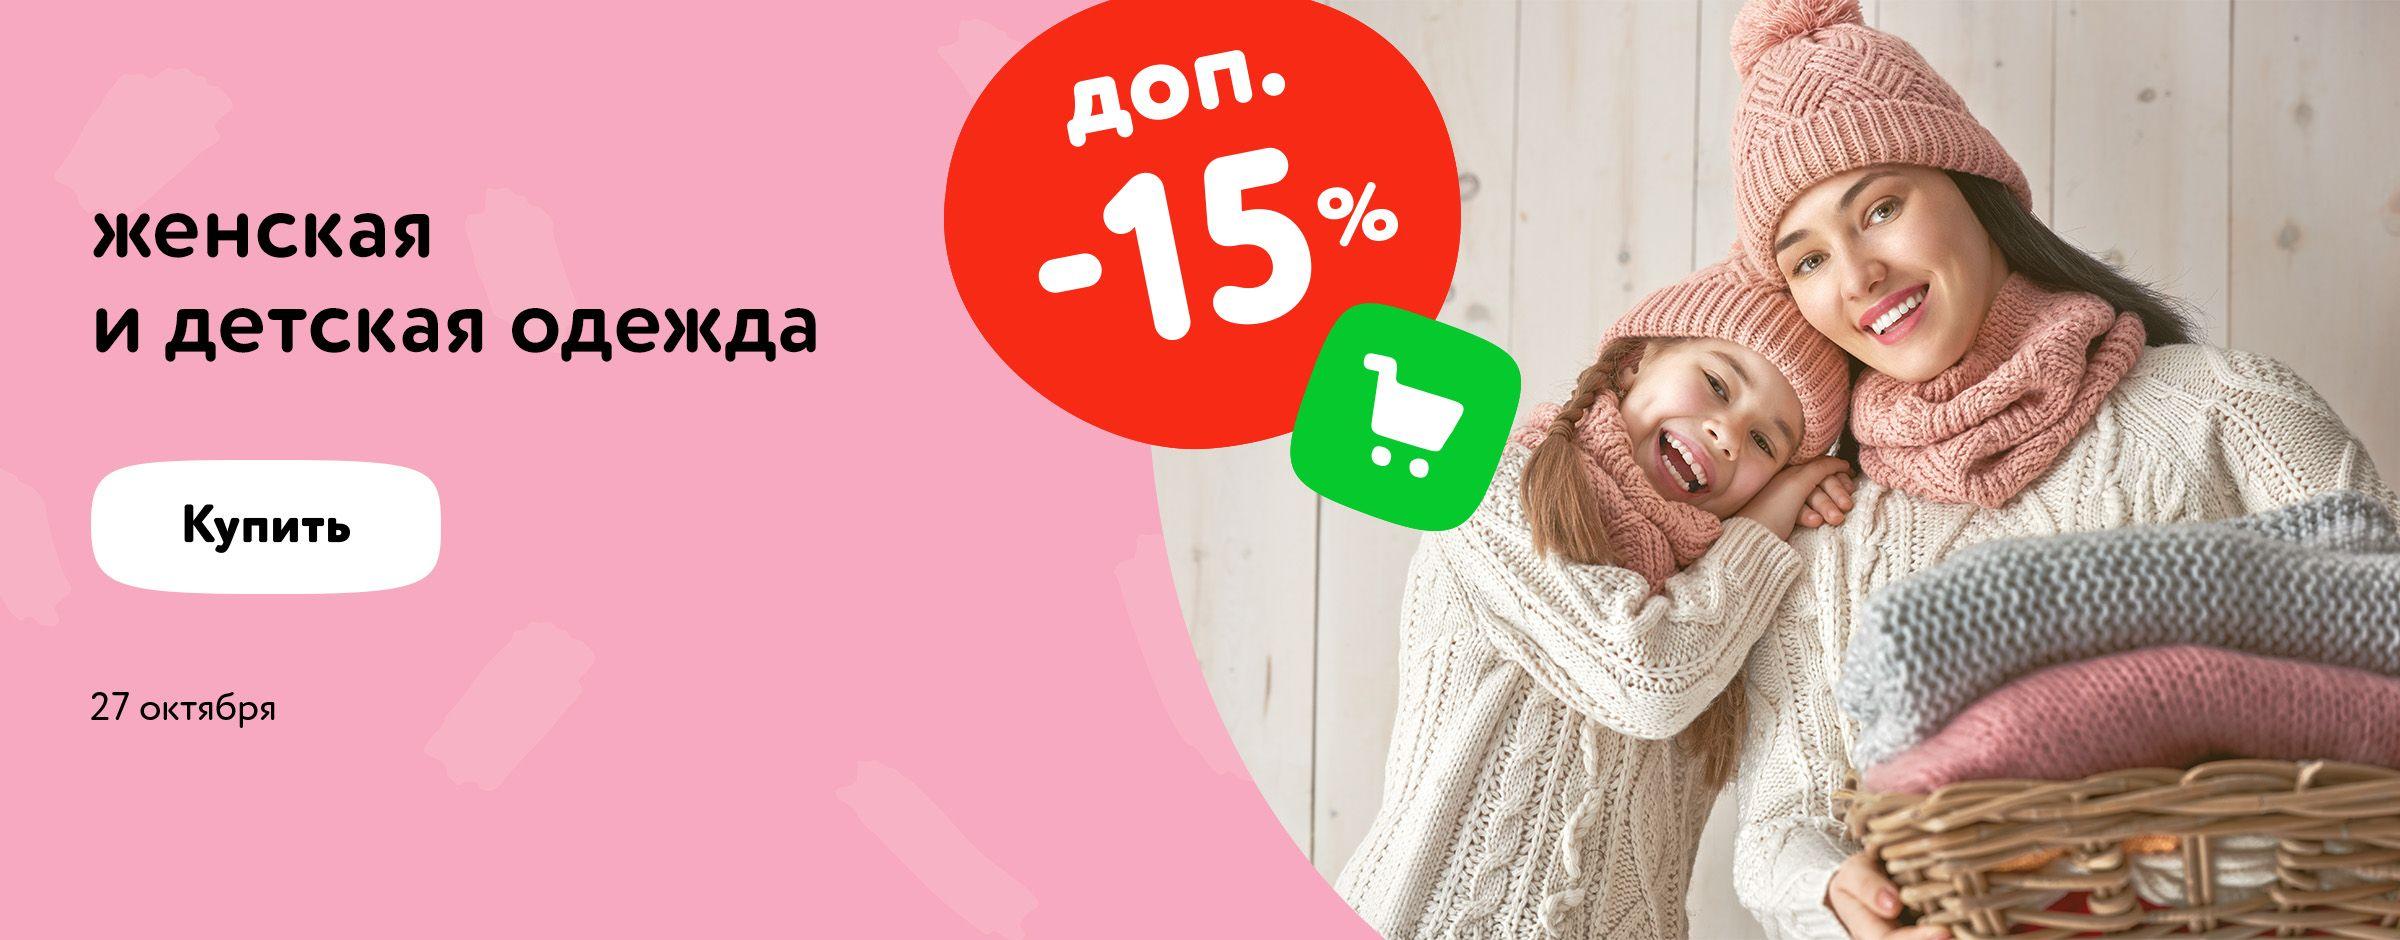 Скидка 15% на детскую и женскую одежду в корзине